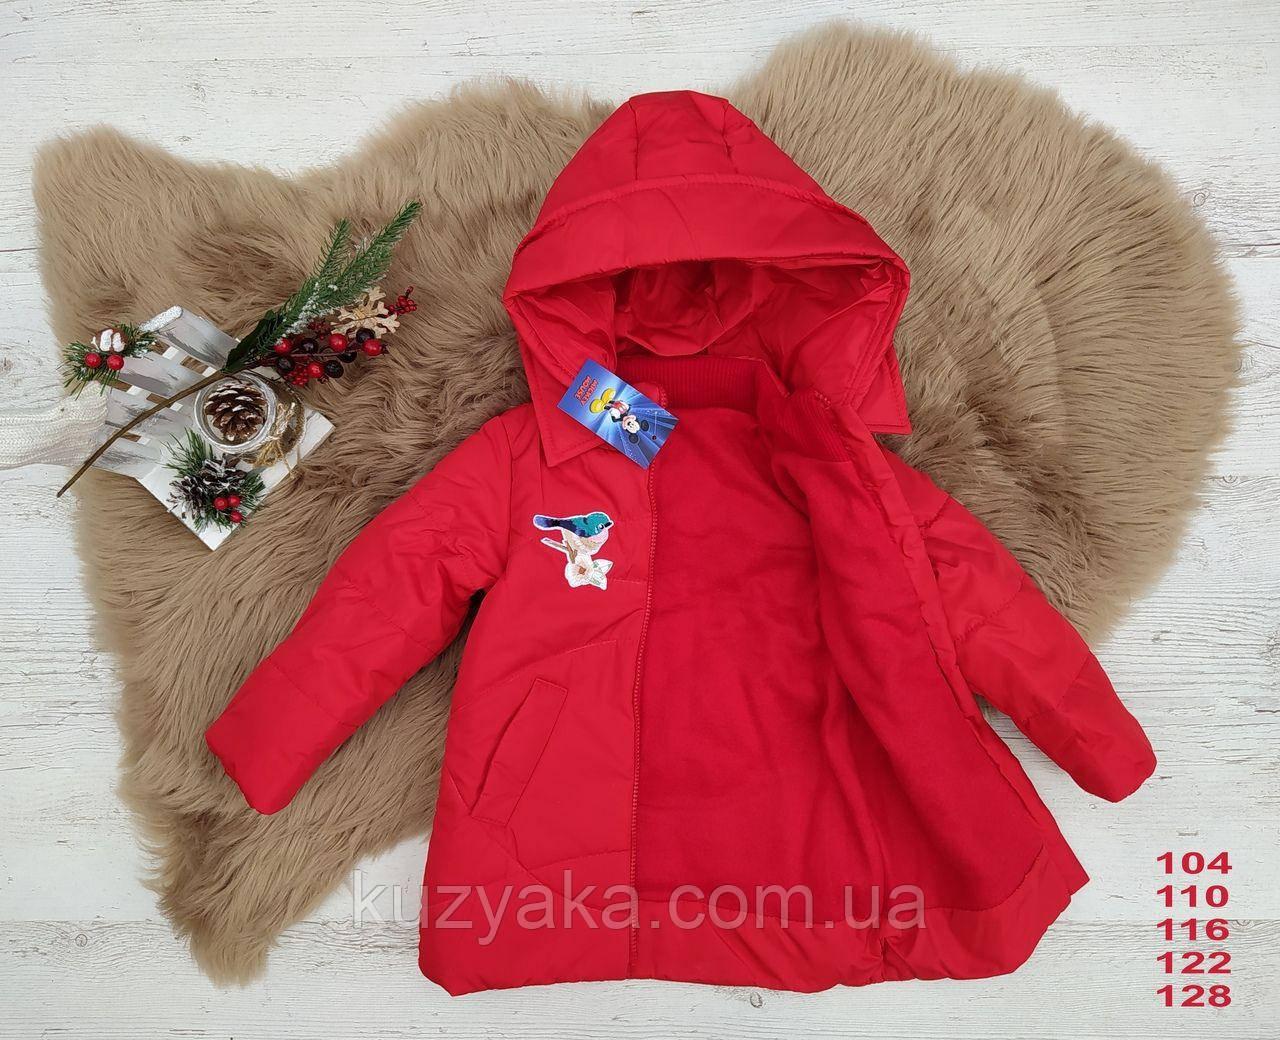 """Детская зимняя куртка """"Колибри"""" для девочки 4-7 лет"""